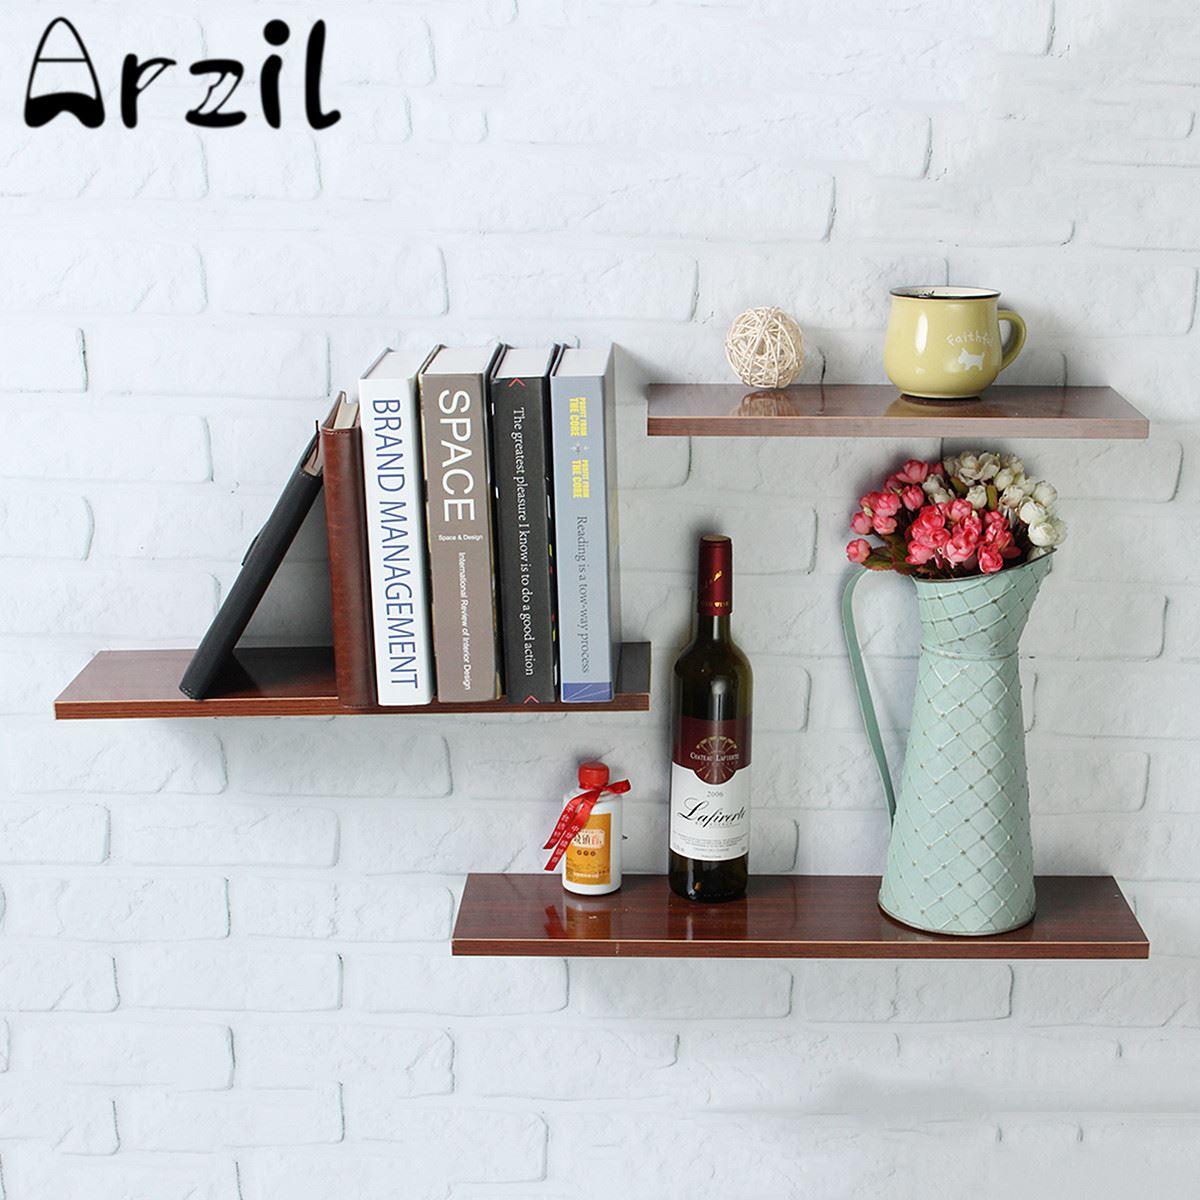 3 Teile/satz Holz Wandregal Bücherregal Vase Display Rack Halter ...